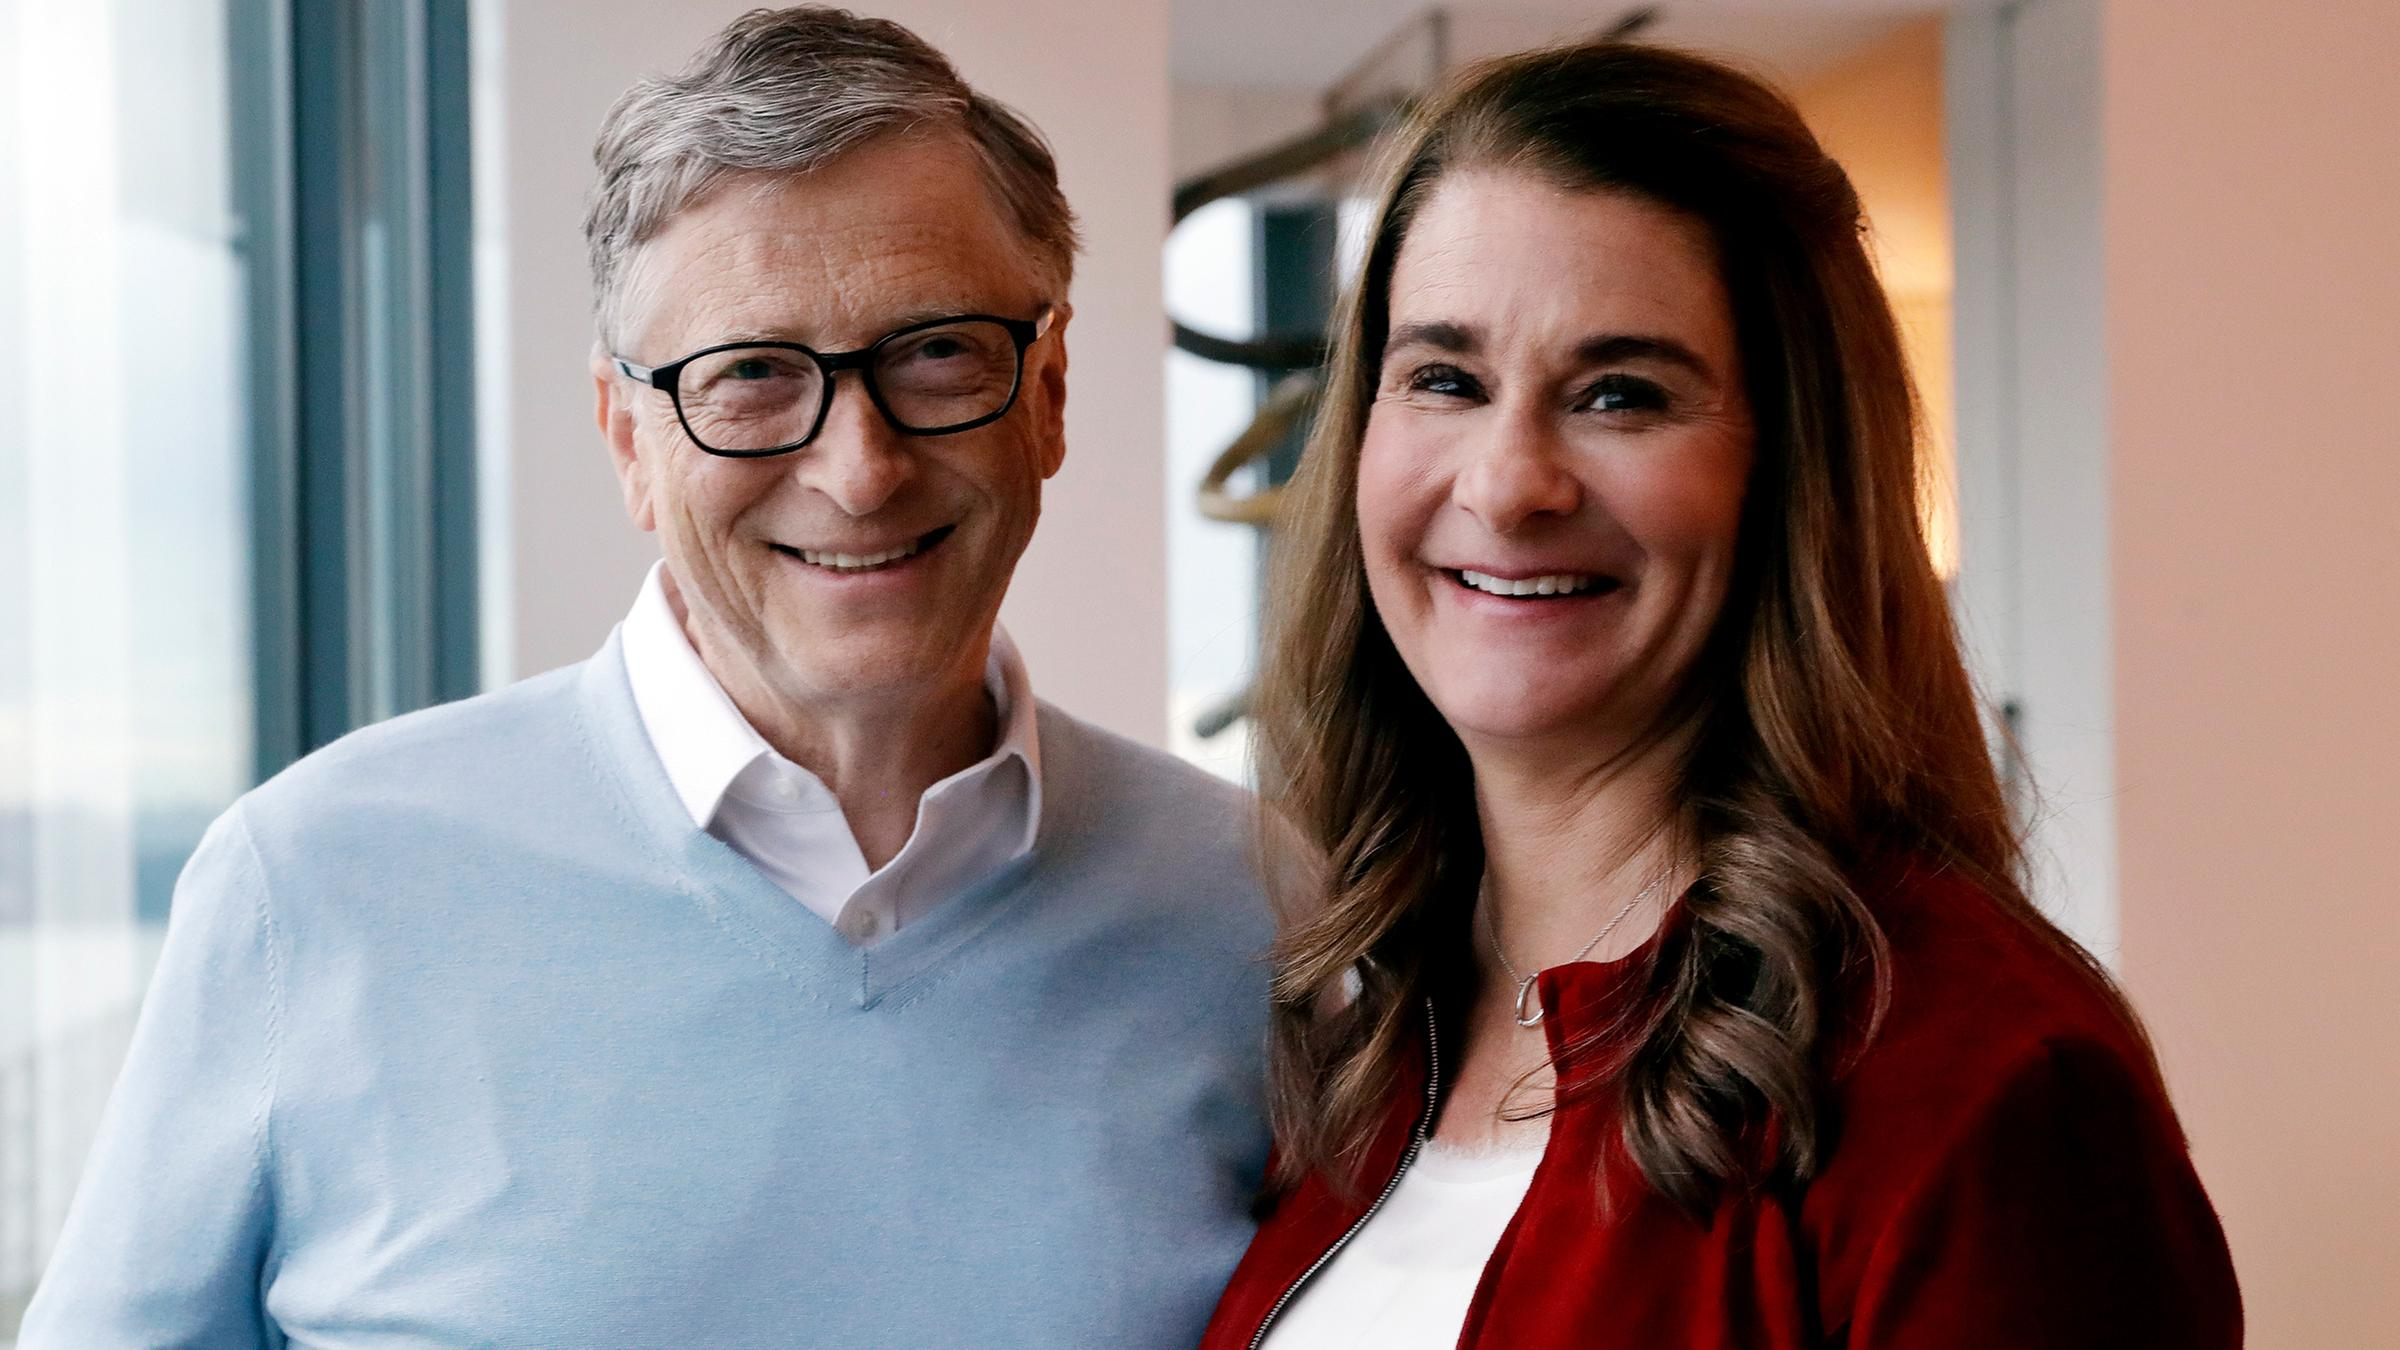 Bill und Melinda Gates: Scheidung nach 27 Jahren Ehe - ZDFheute